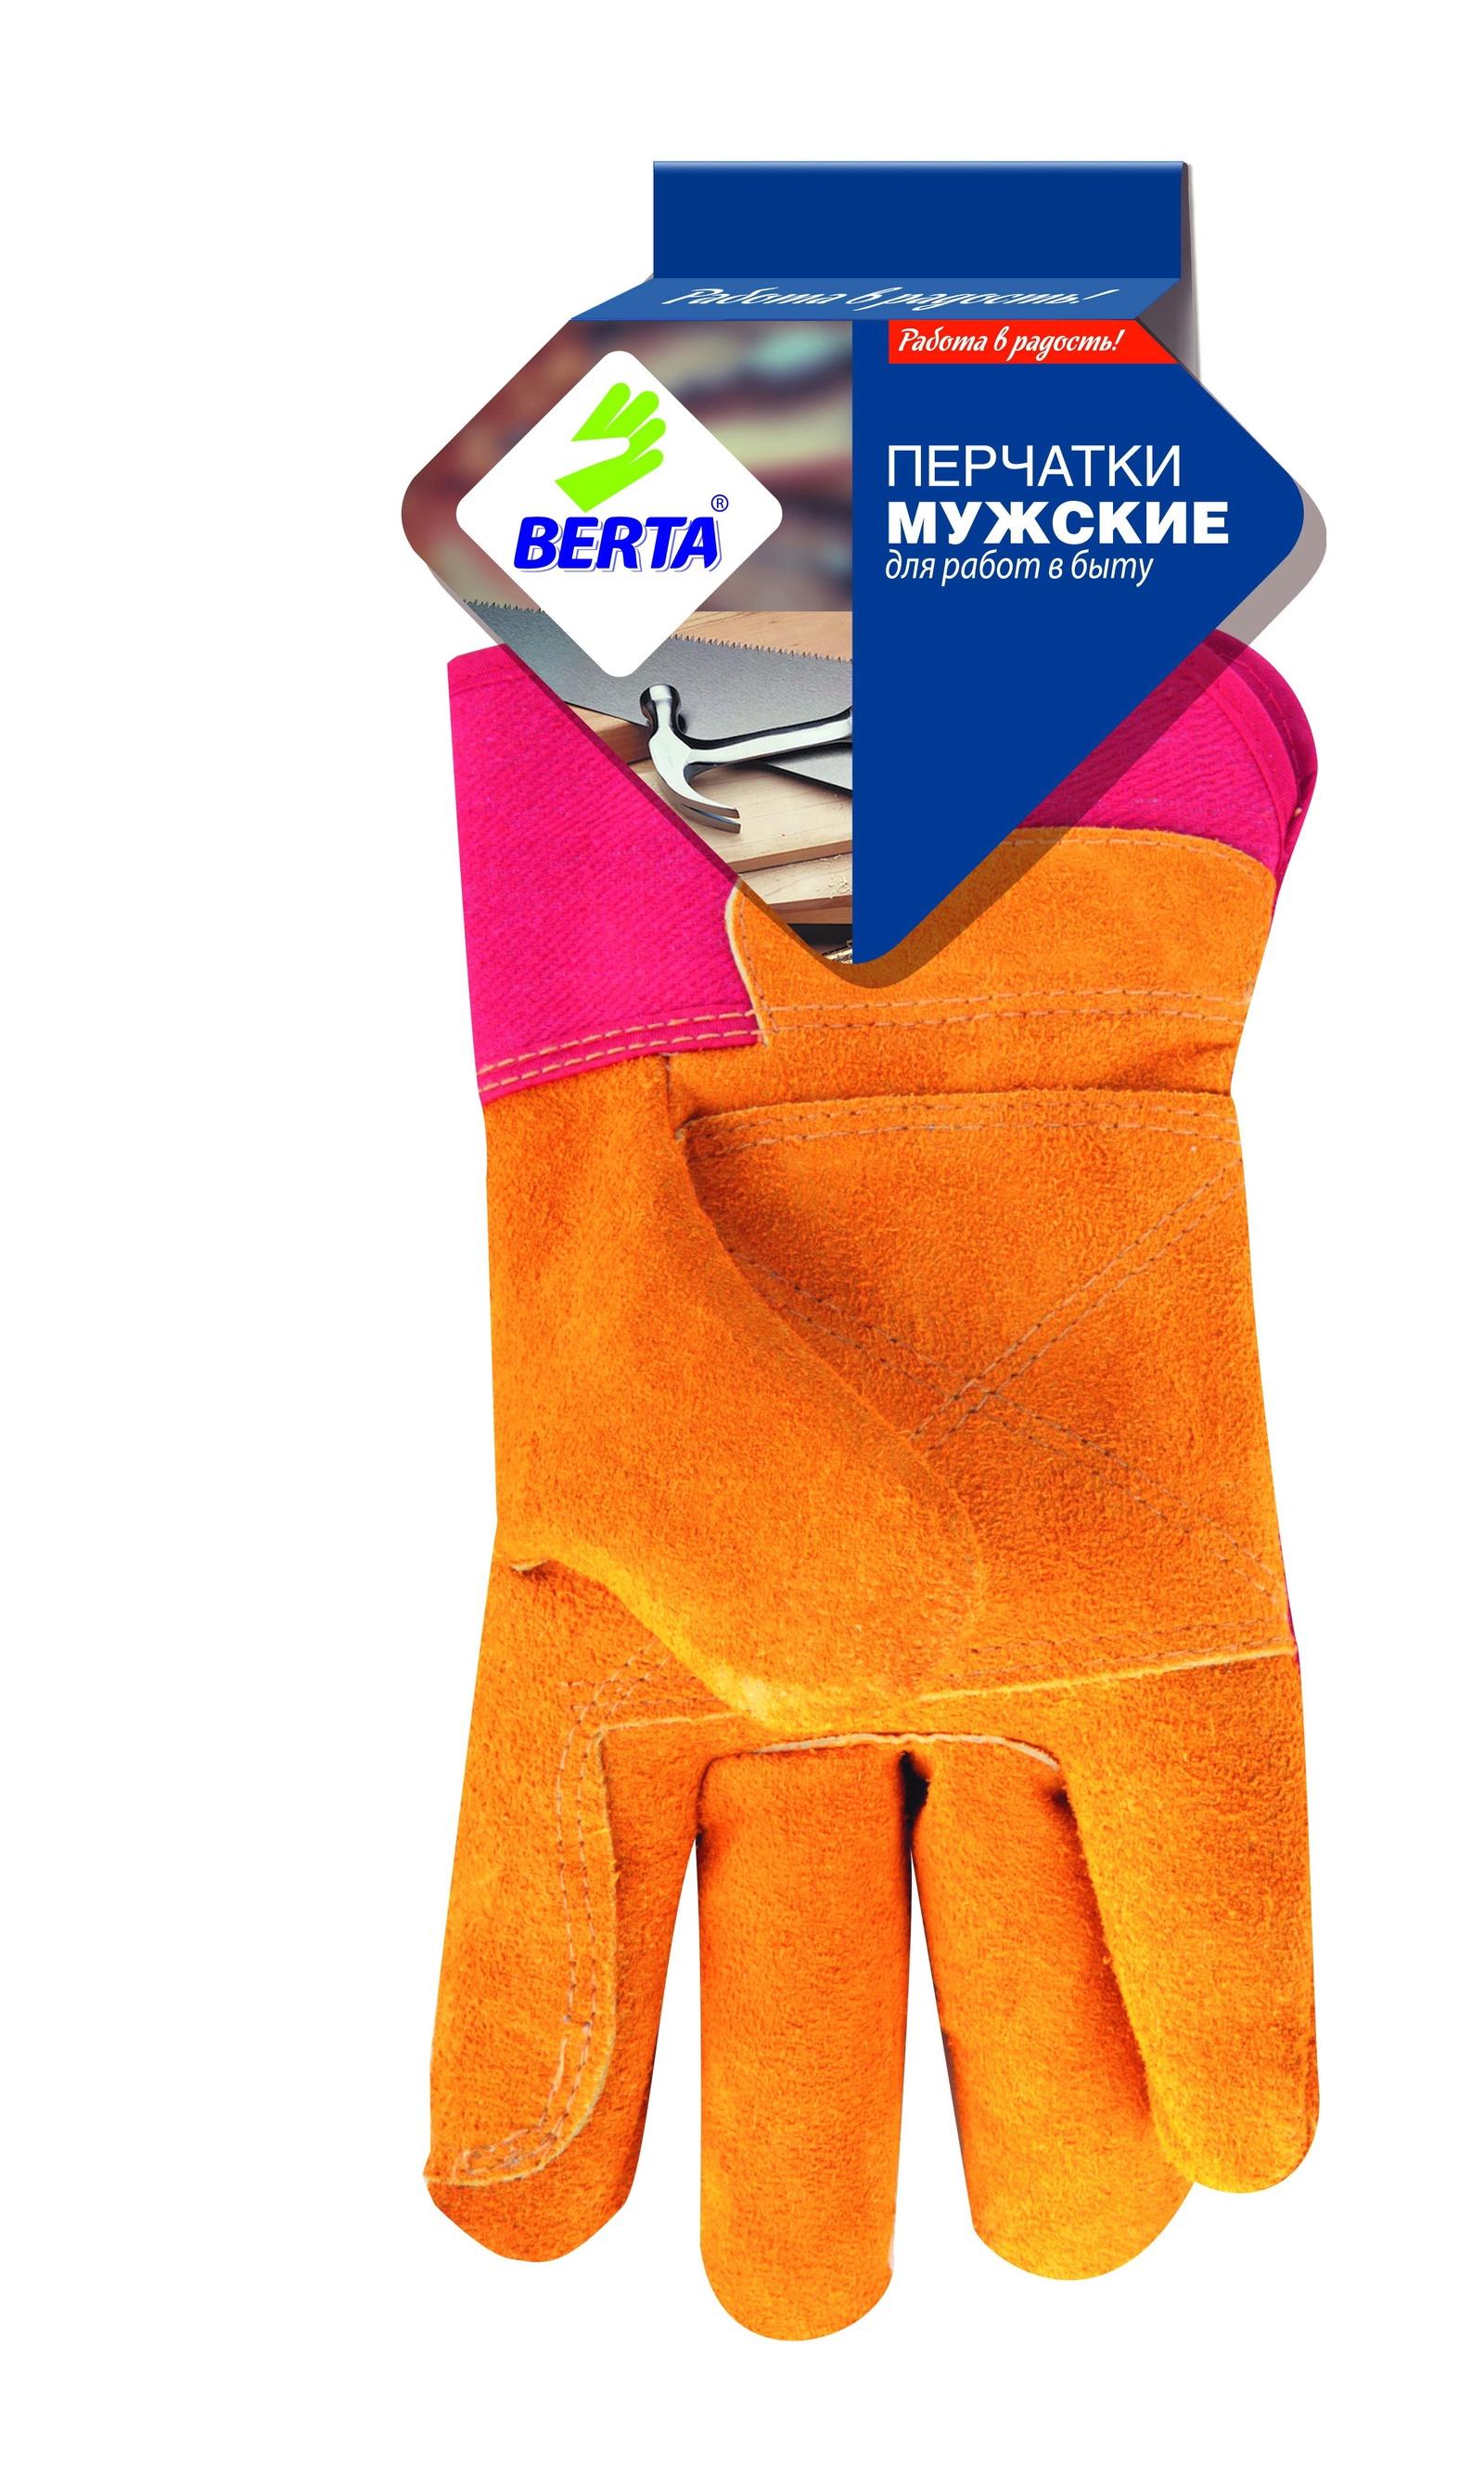 Перчатки защитные Берта 192 Берта